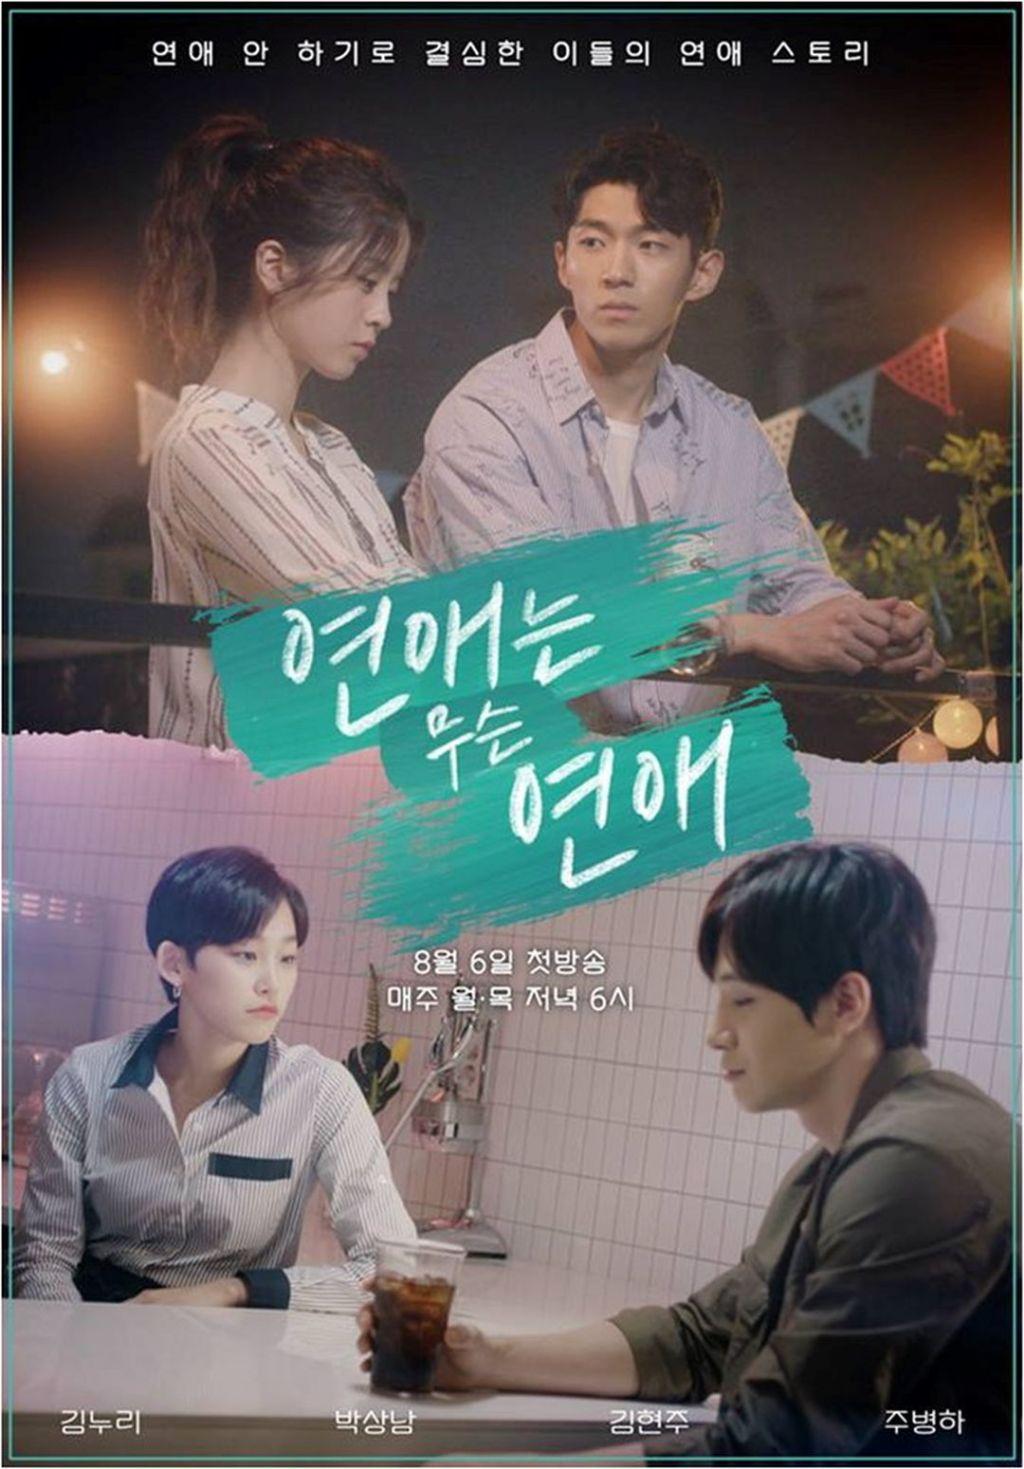 Sinopsis Dan Profil Lengkap Pemeran Drama Pendek No Time For Love (2018)